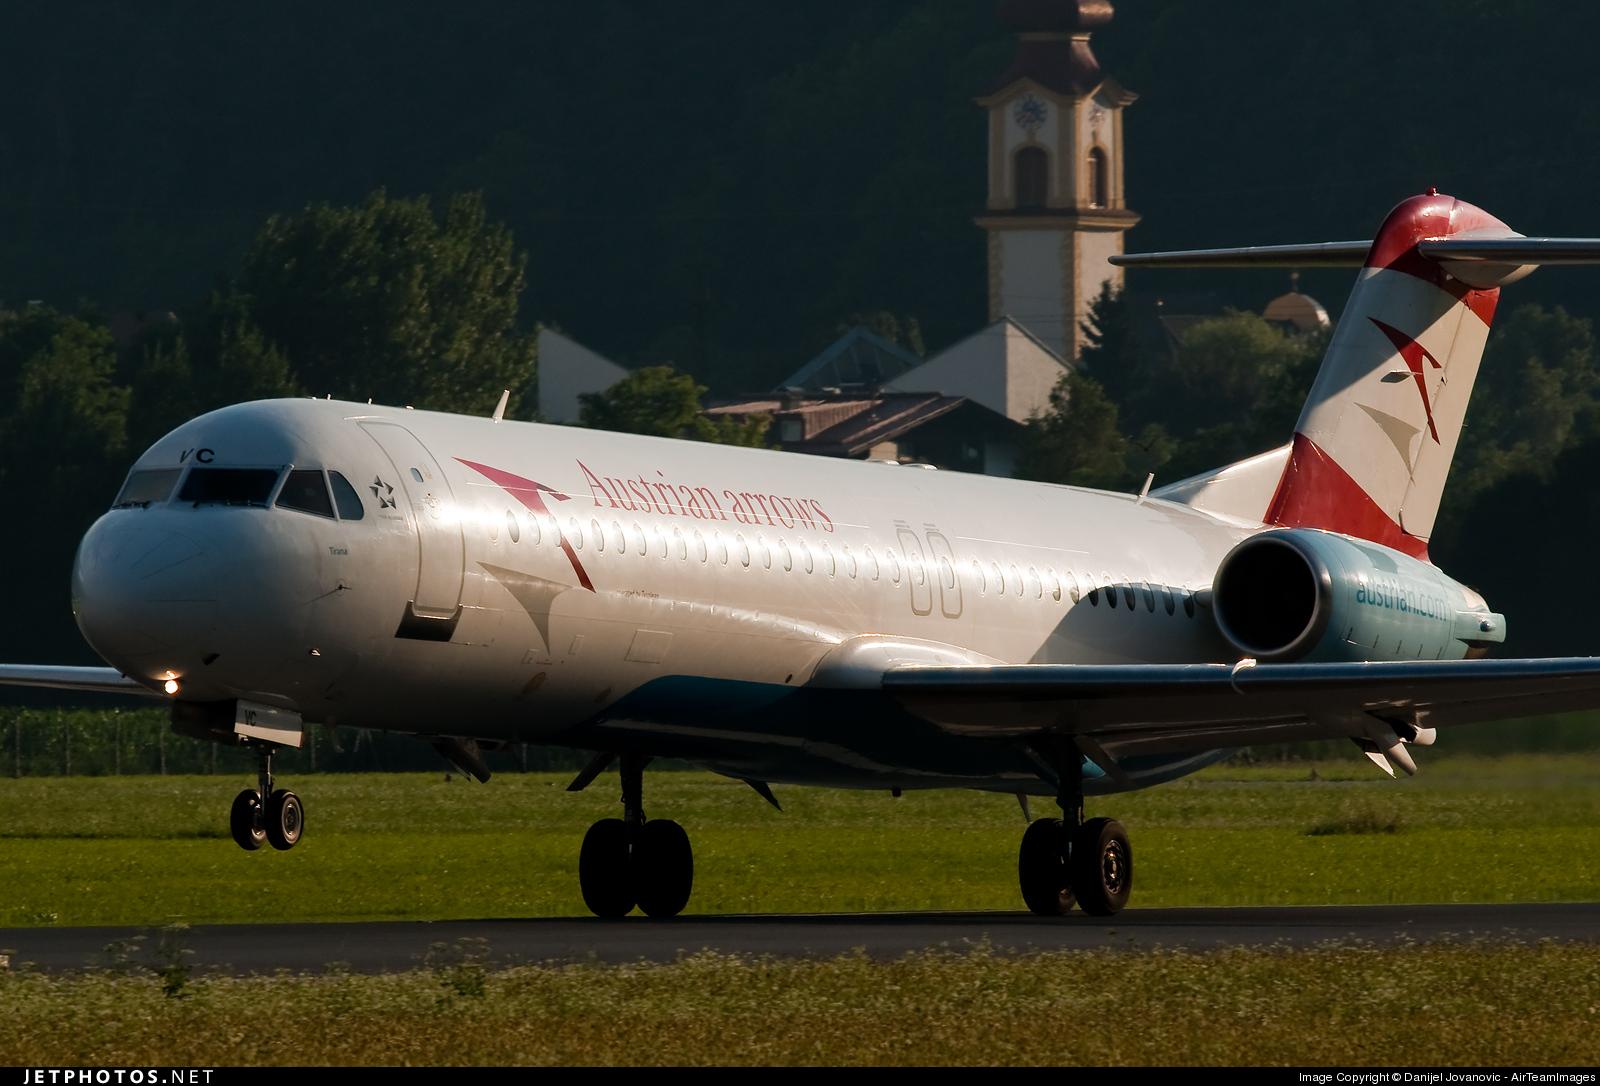 Photo of OE-LVC Fokker 100 by Danijel Jovanovic - AirTeamImages